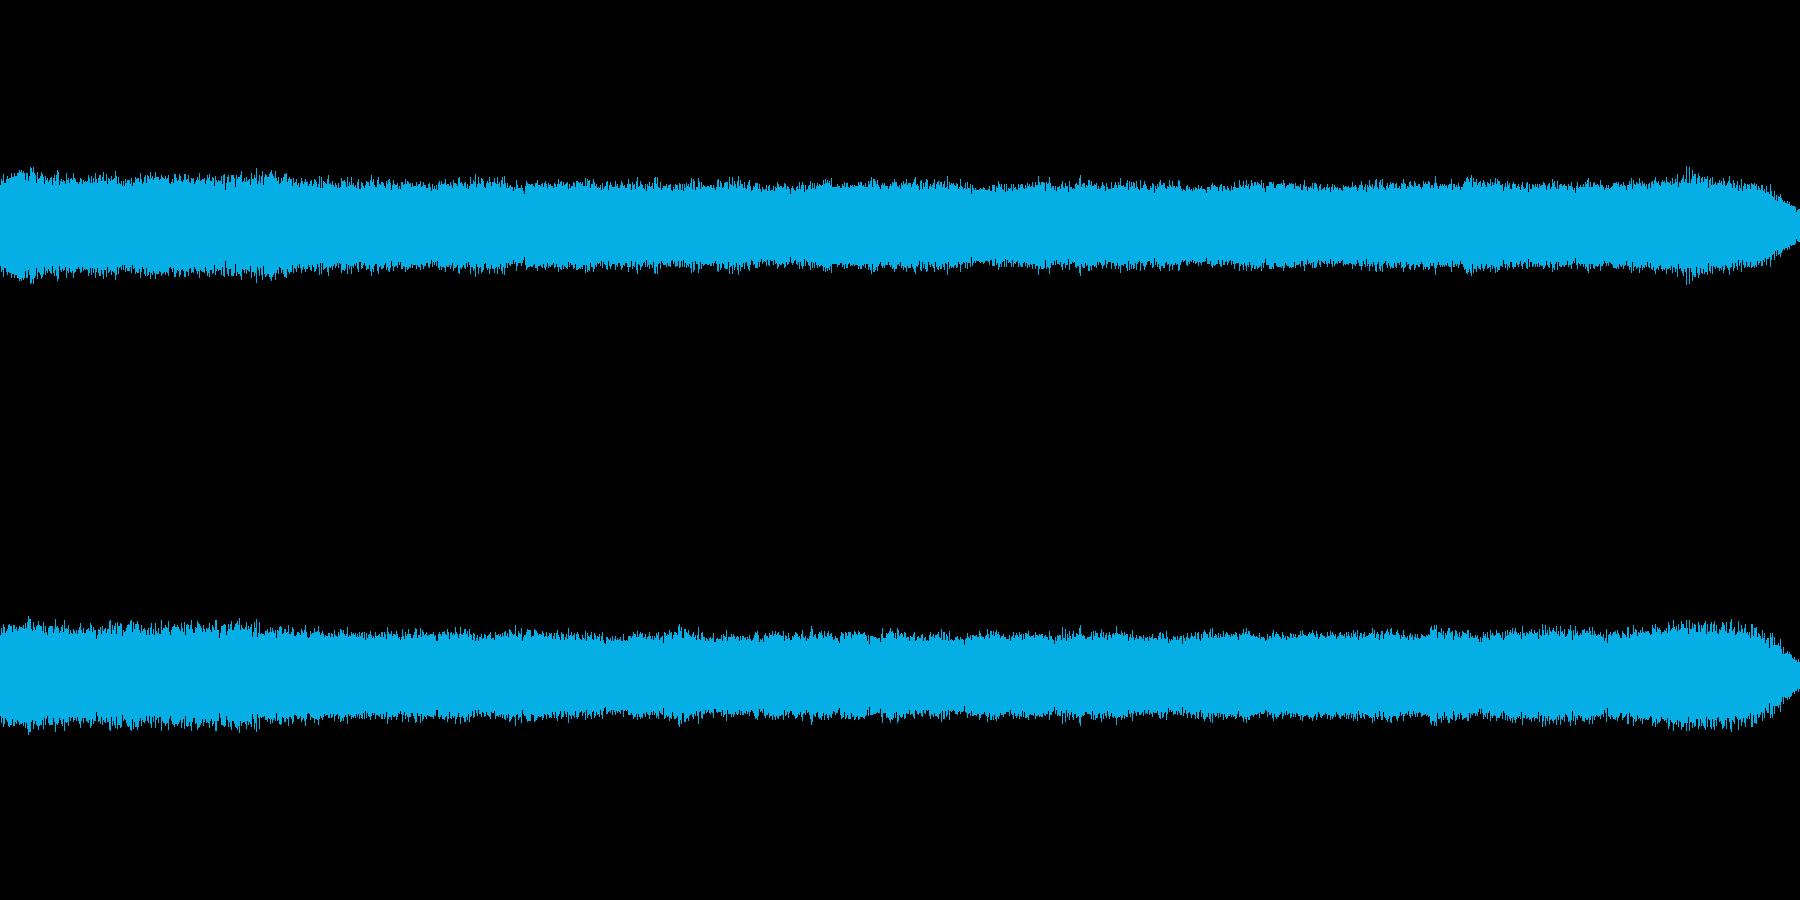 ギュインギュイン(エネルギーチャージ音)の再生済みの波形